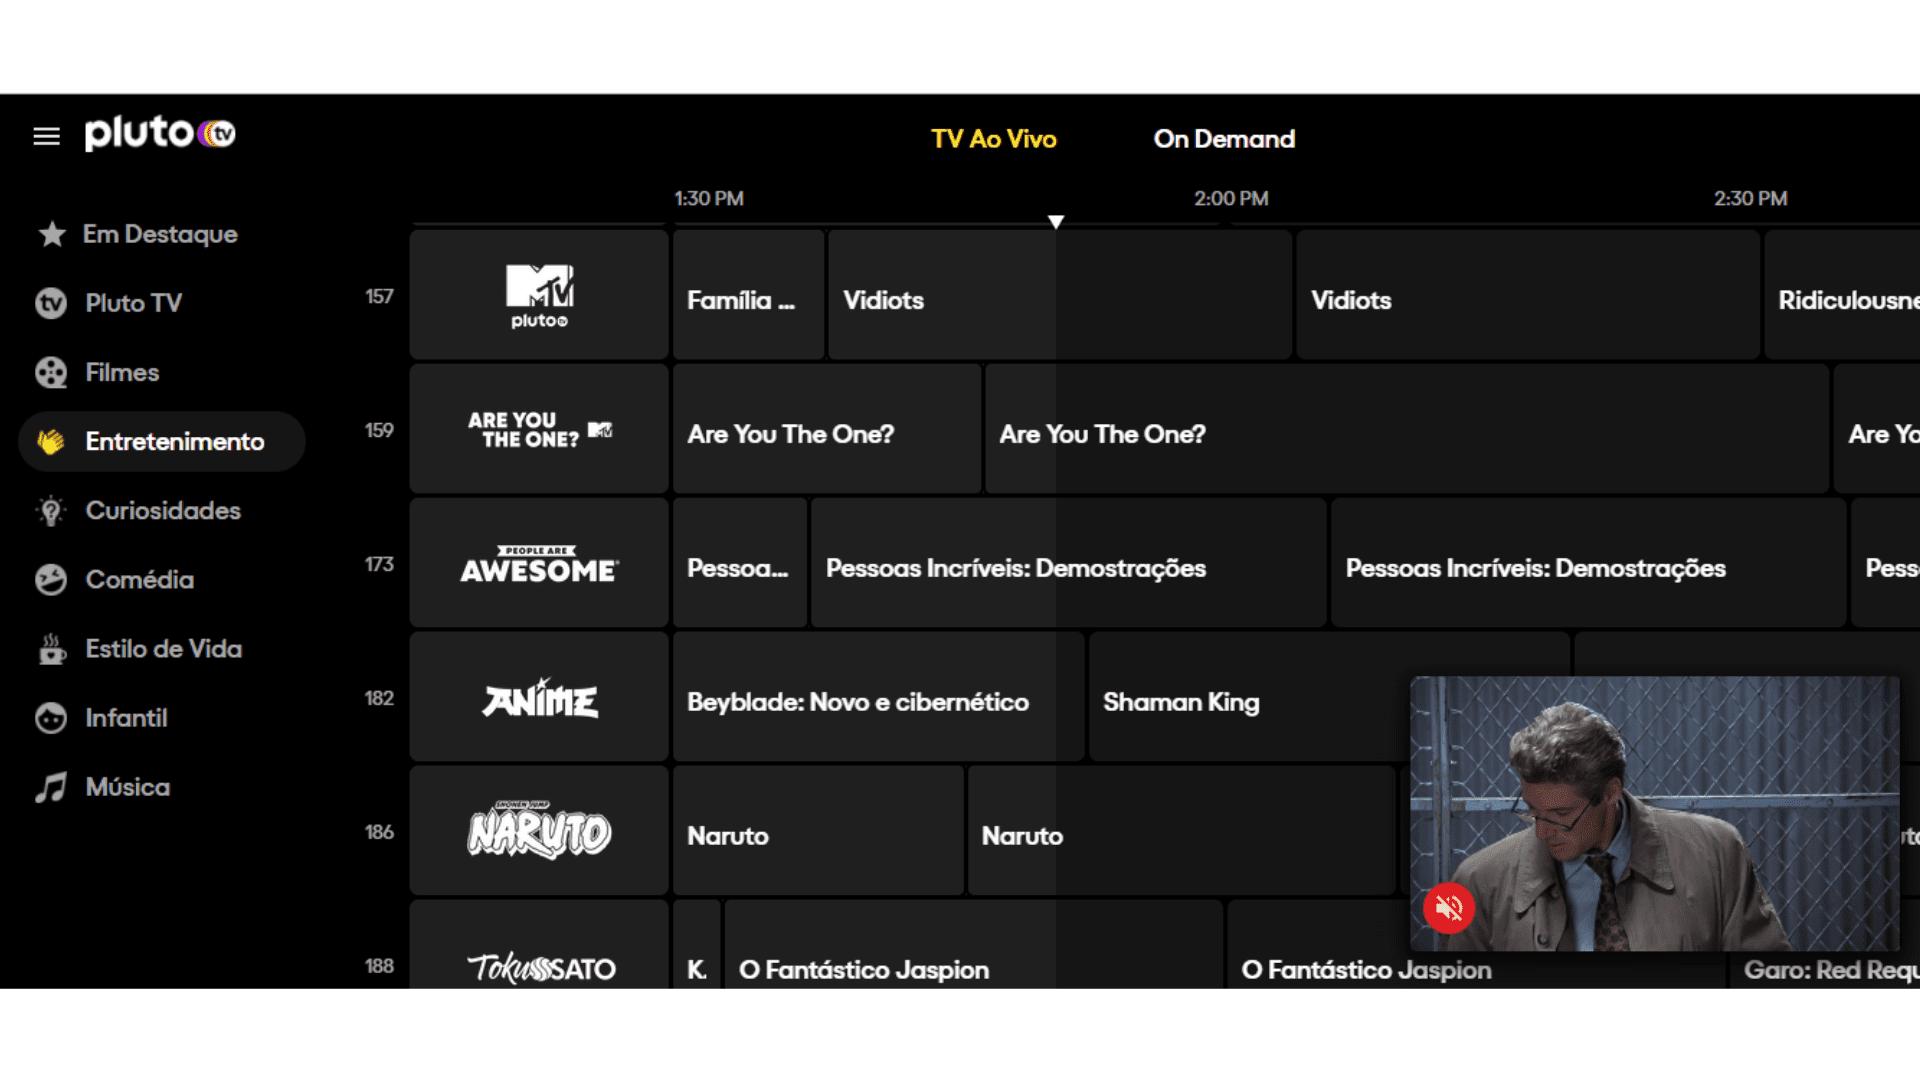 Pluto TV conta com canais exclusivos, MTV, Paramount+ e outros. (Imagem: Captura de tela/Pluto TV)